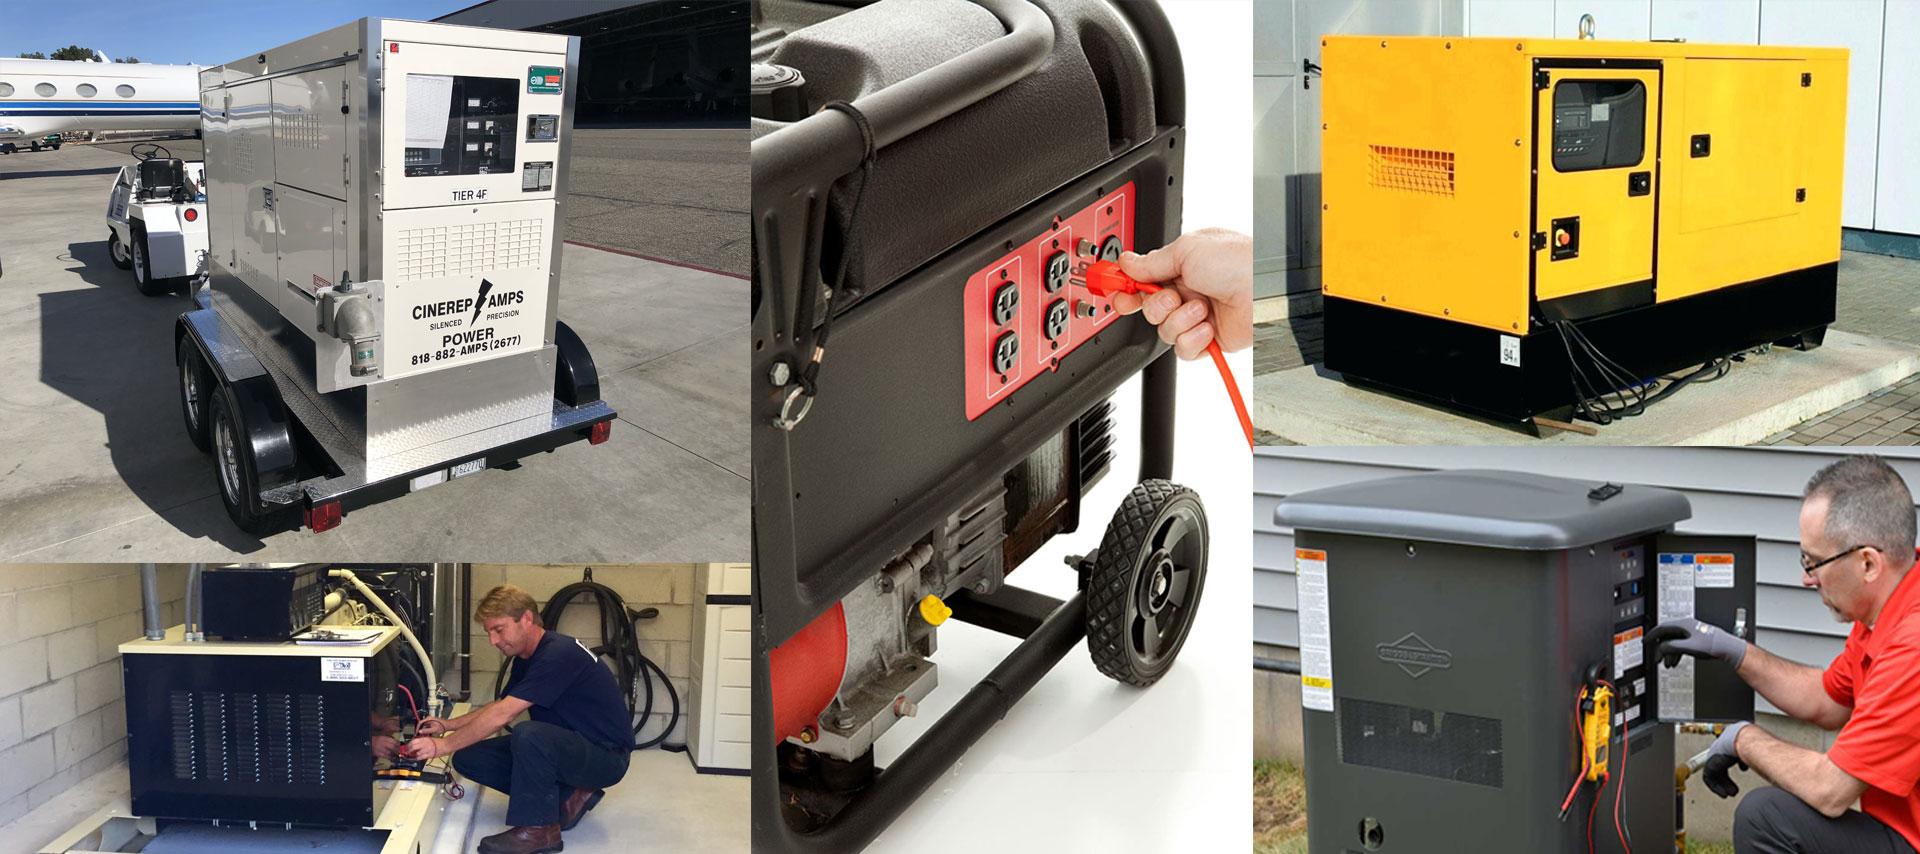 Mobile Generator Repair and Service by robert grove